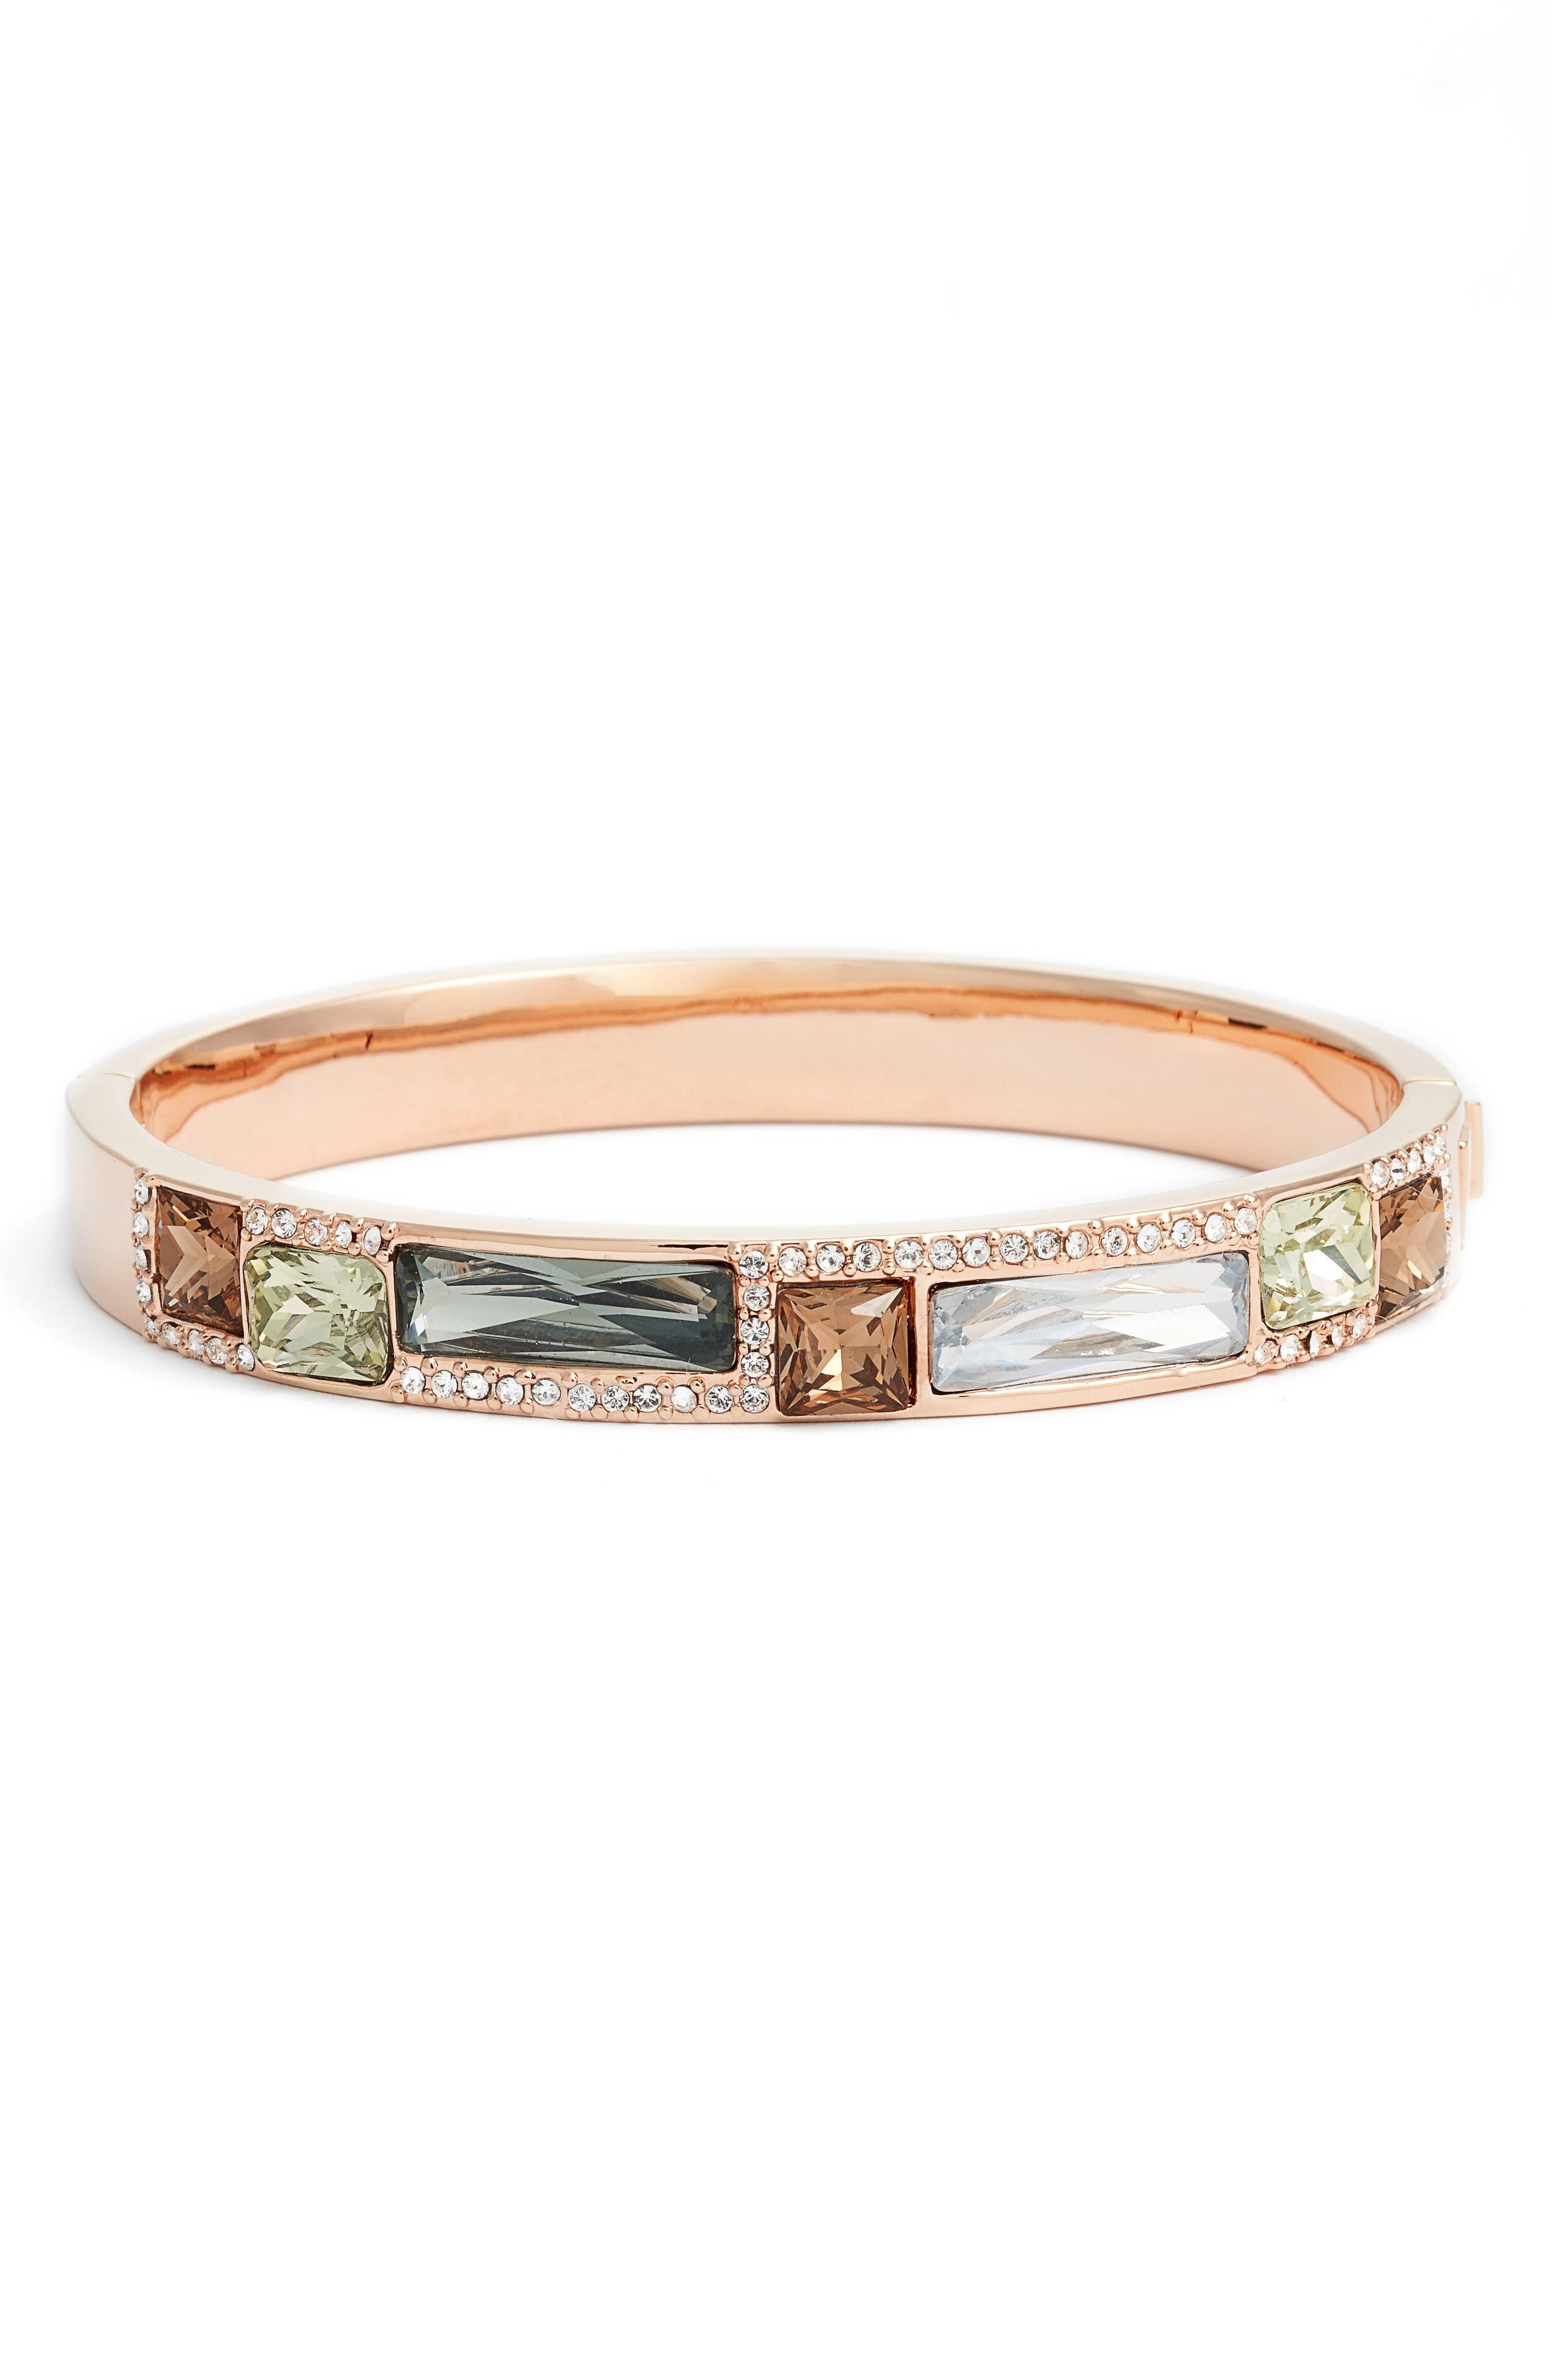 Vince Camuto Bangle Bracelet